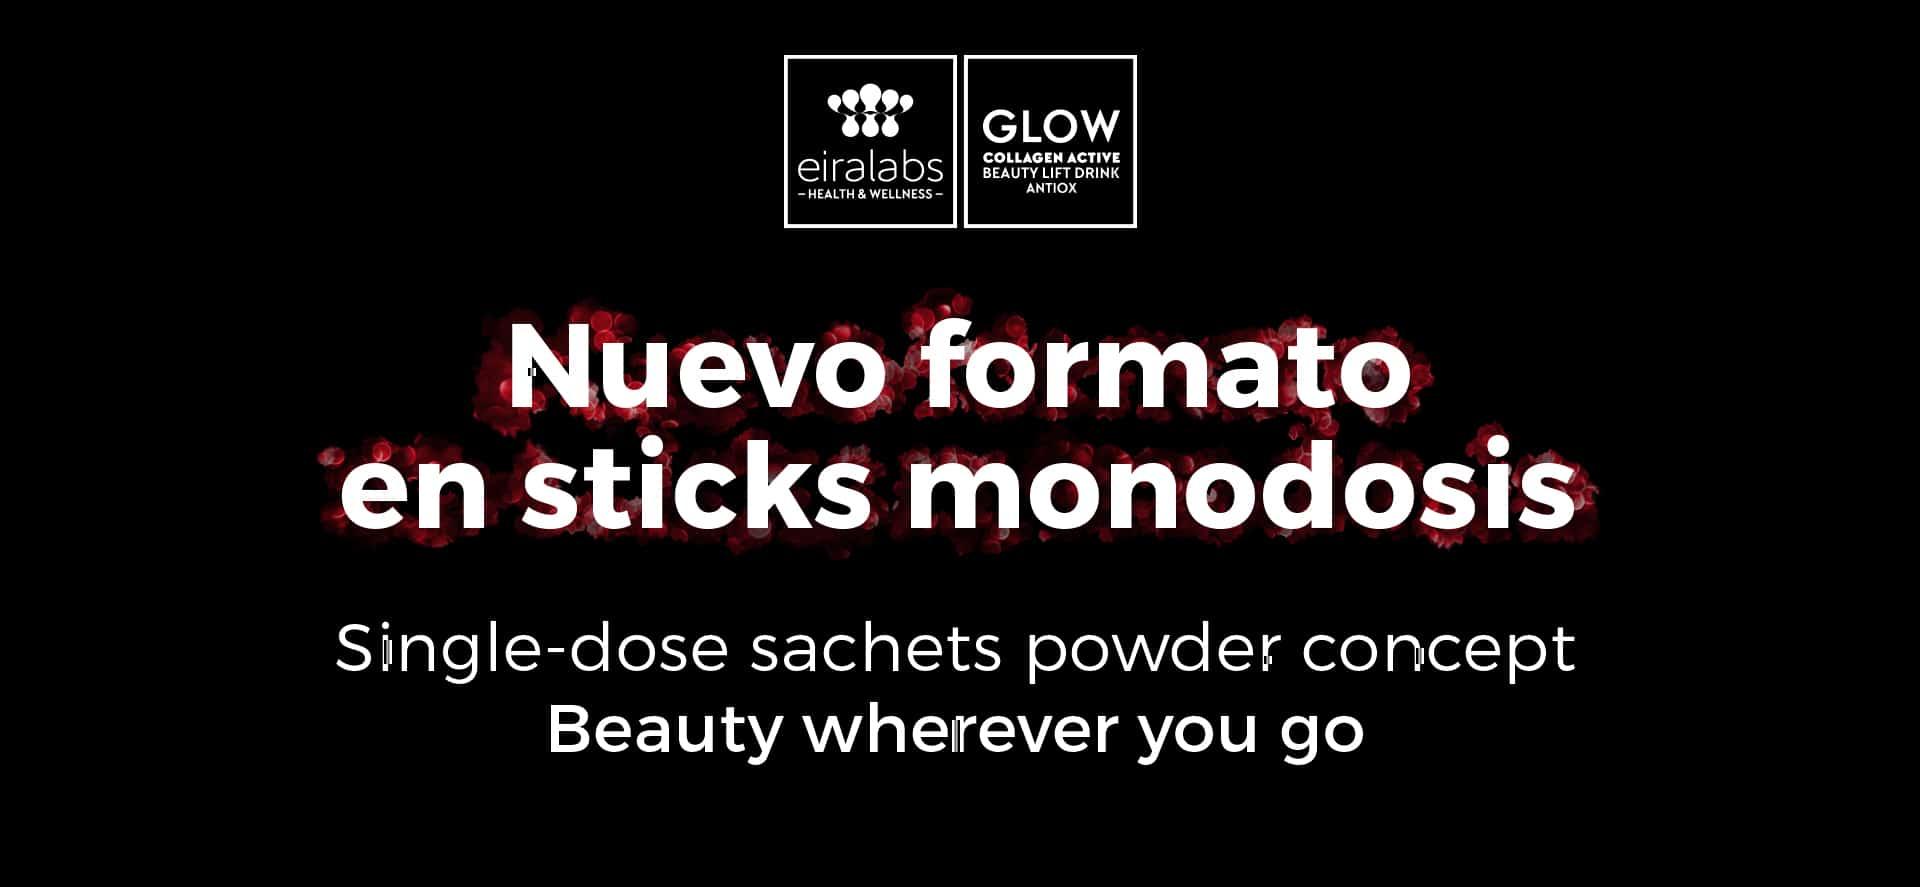 glow-sticks-001